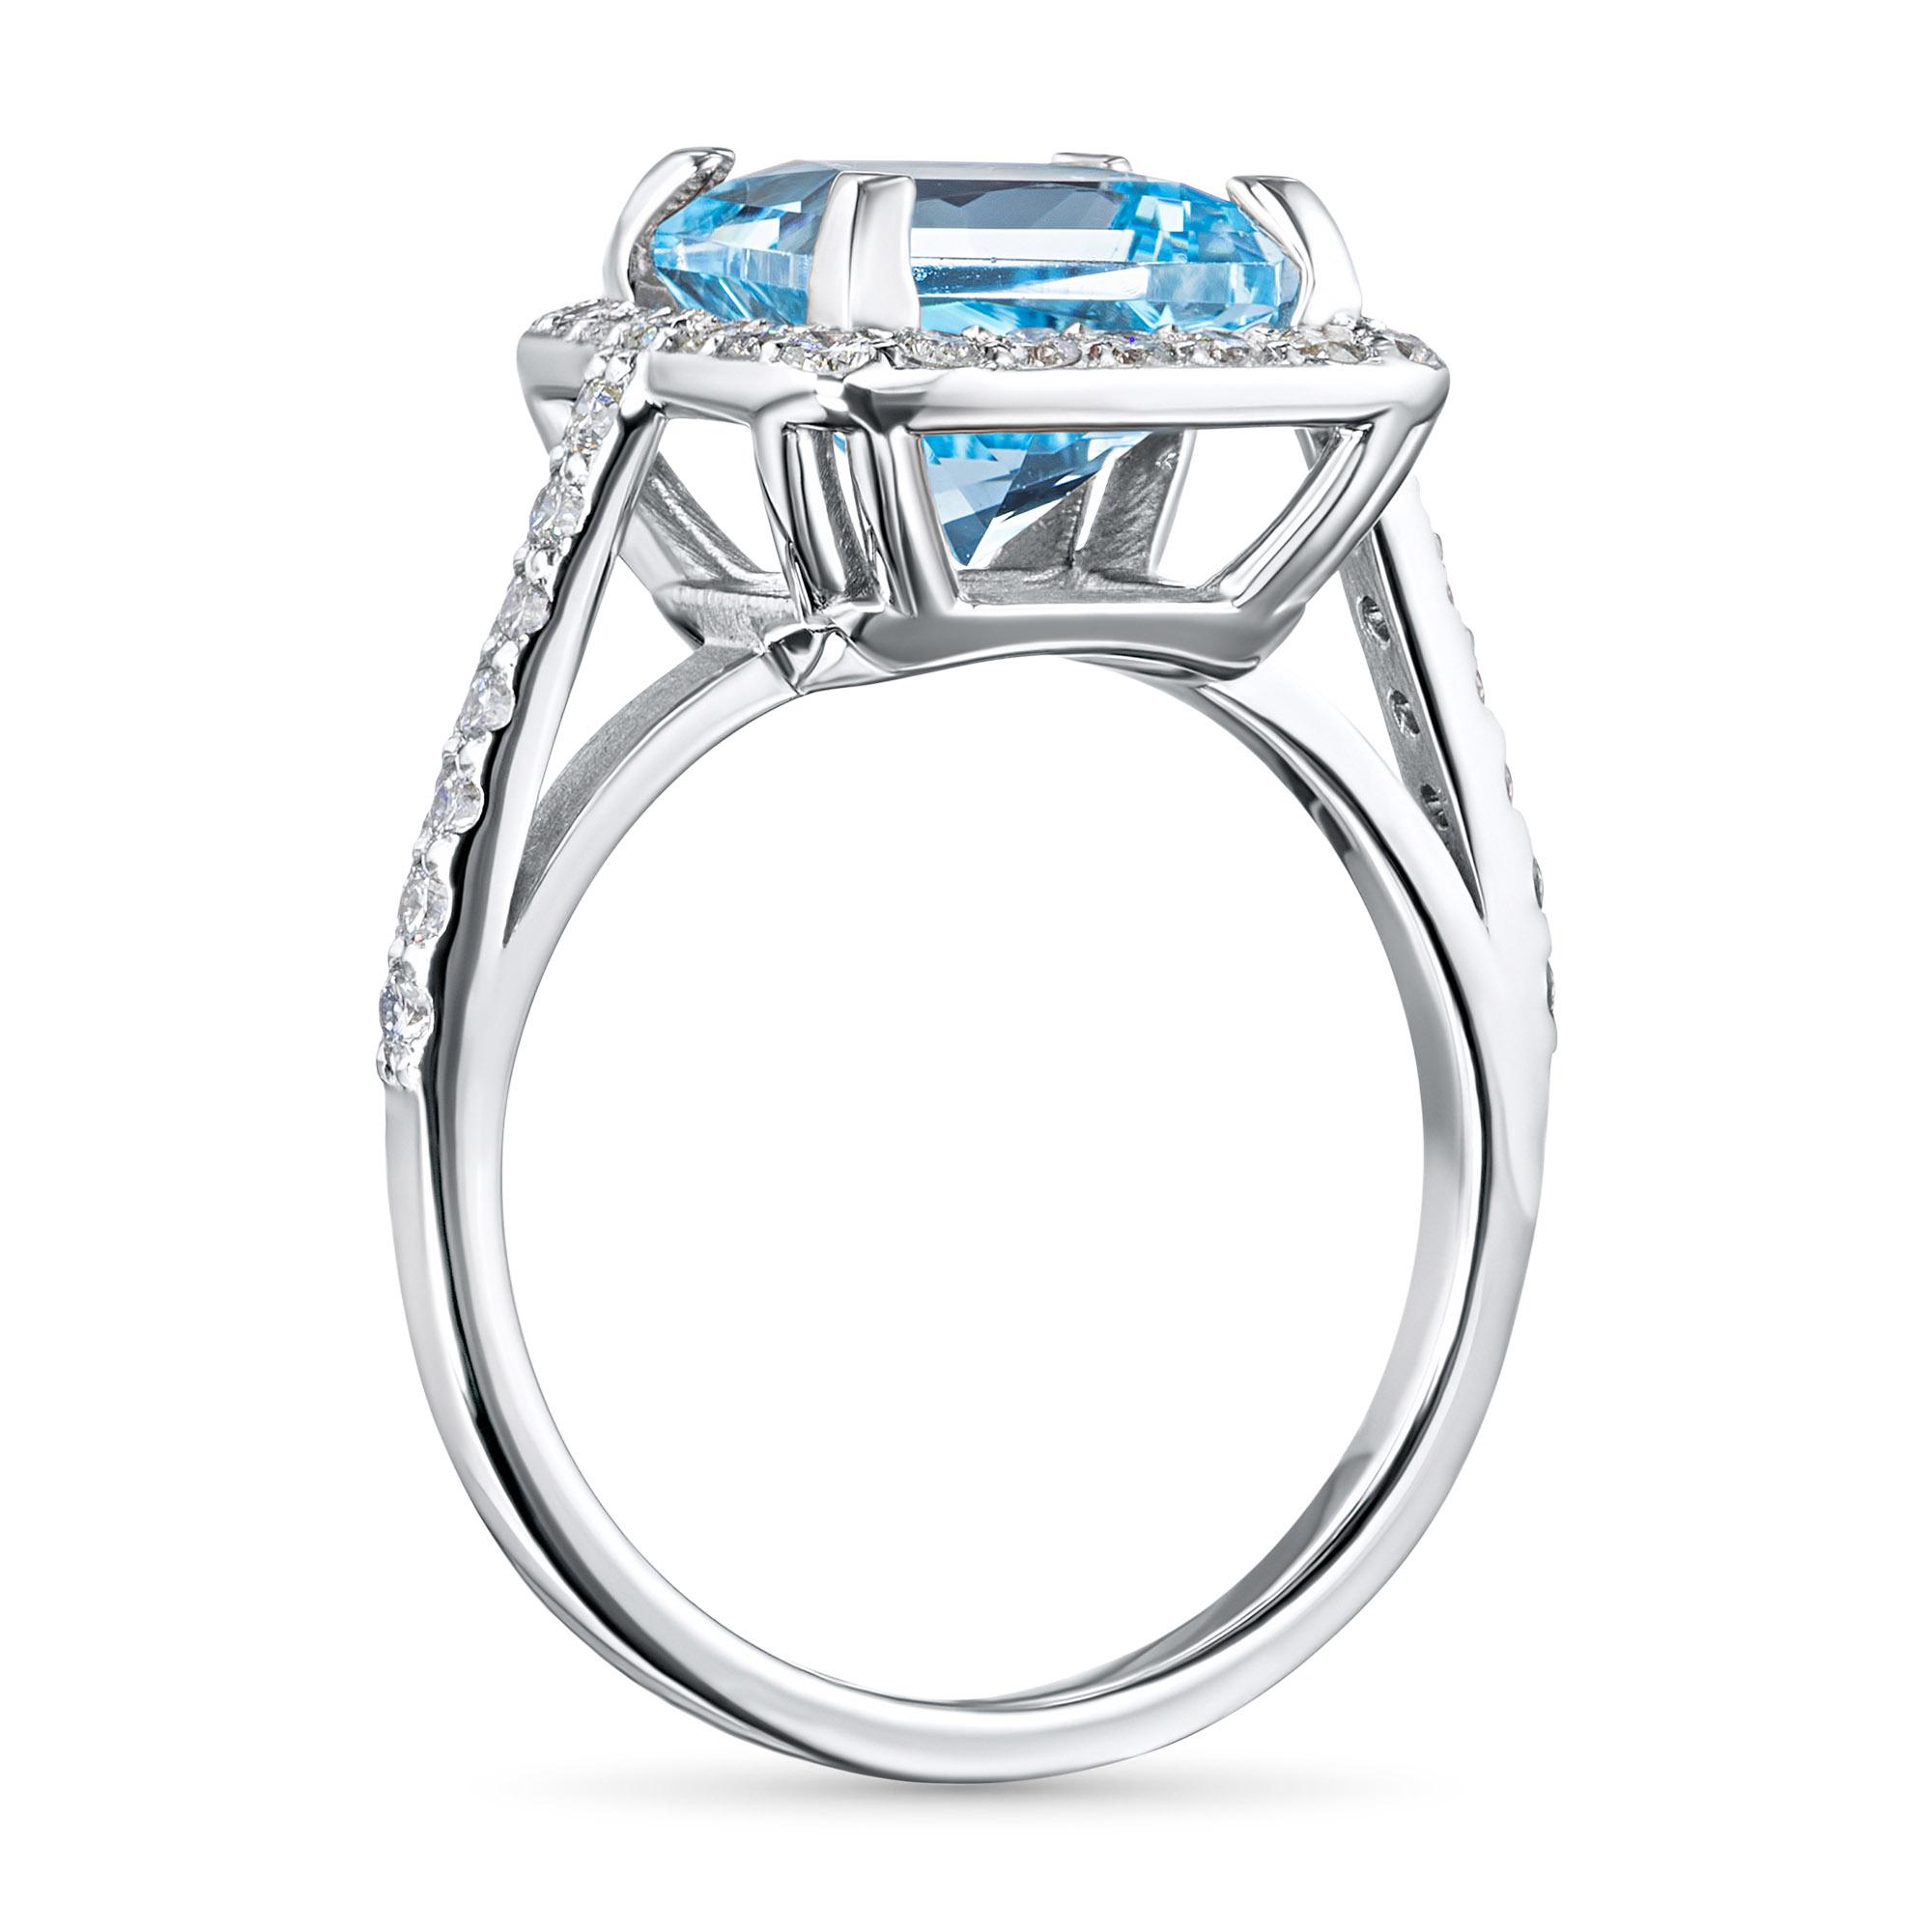 Кольцо из золота с бриллиантом и топазом э0943кц022104543